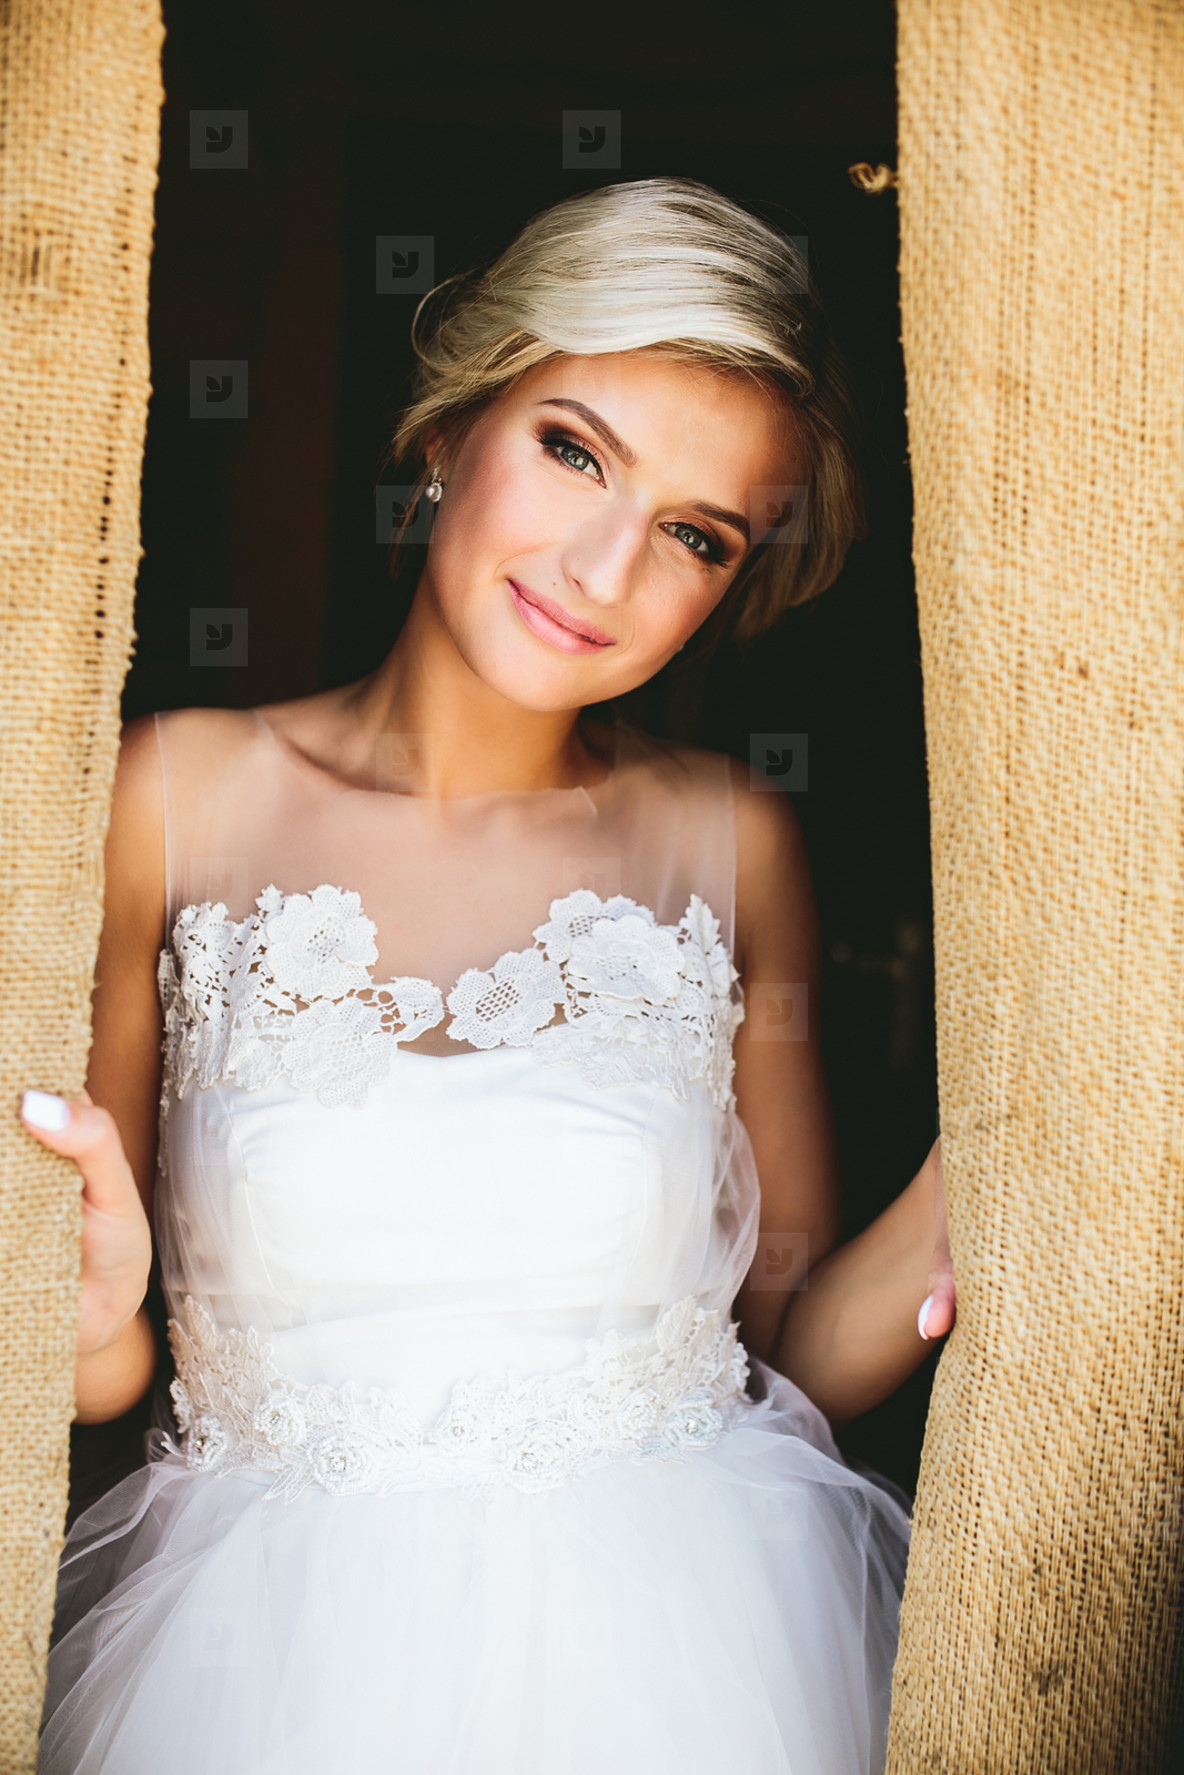 Smiling beautiful bride in doorway